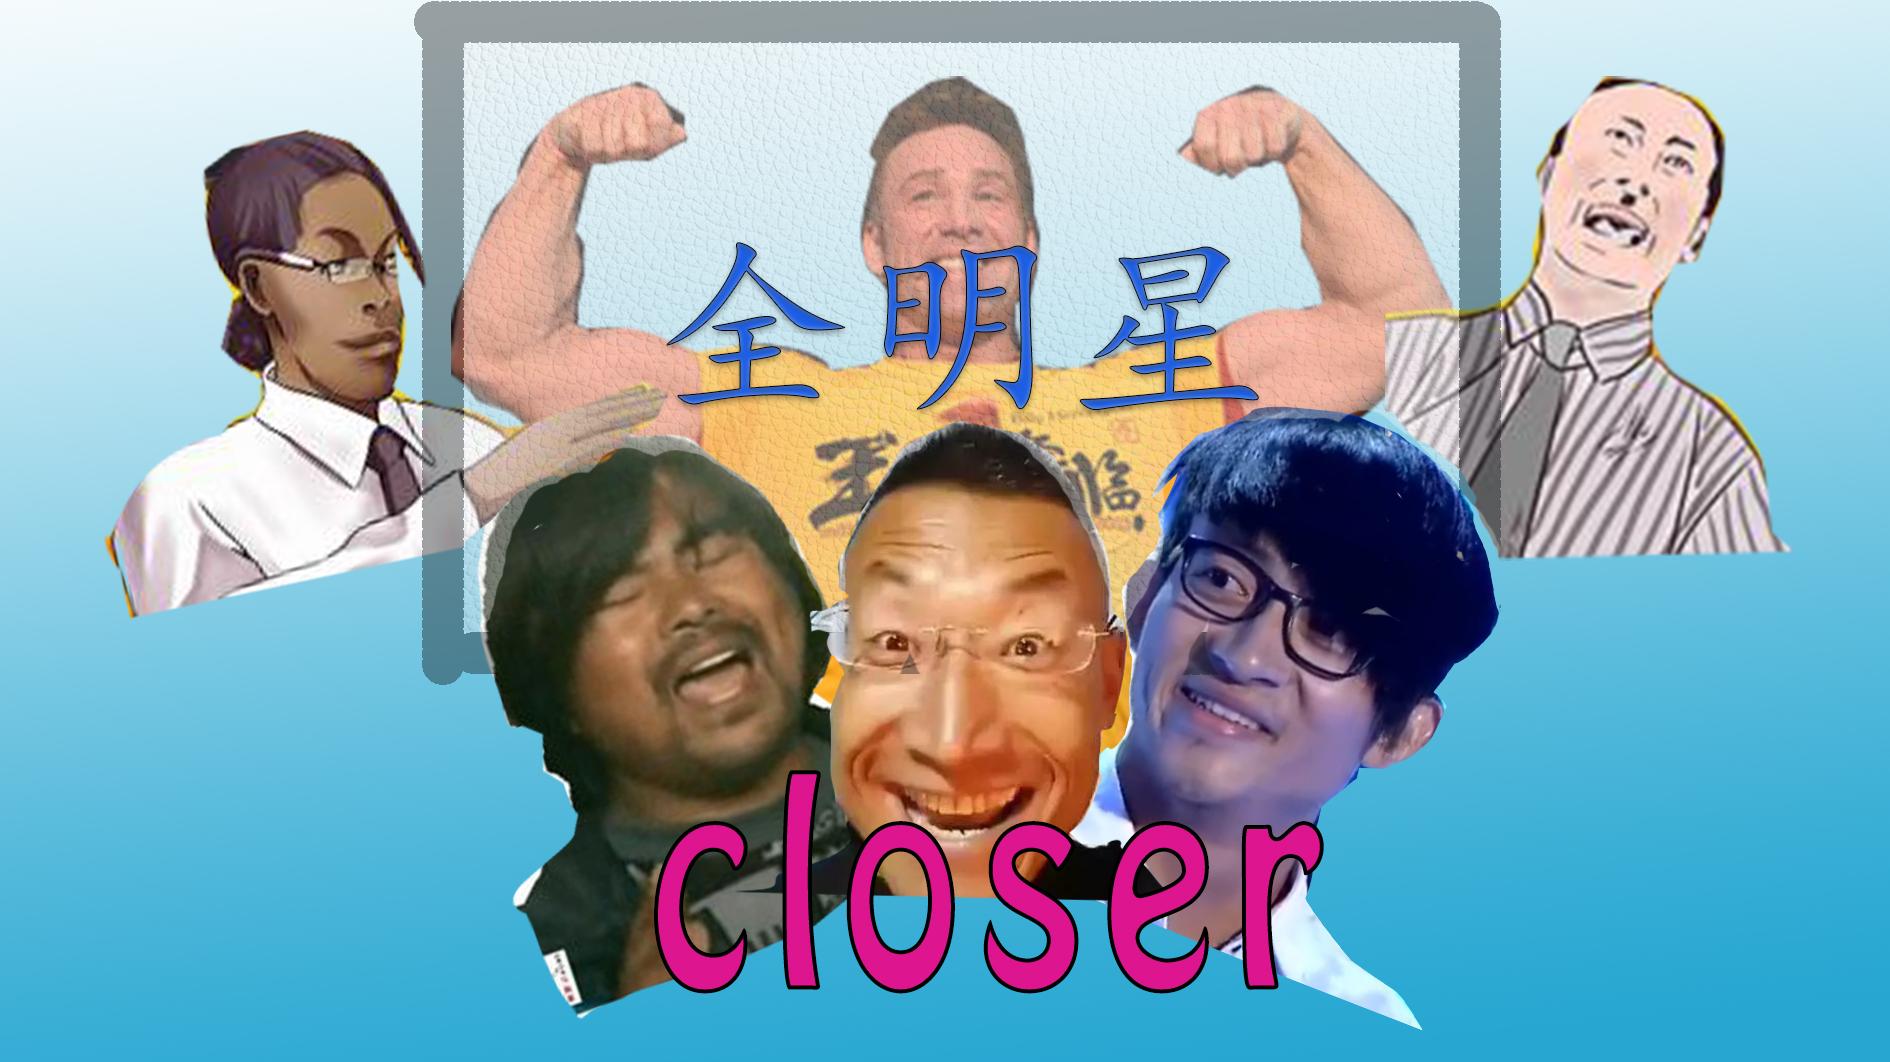 【全明星】Closer